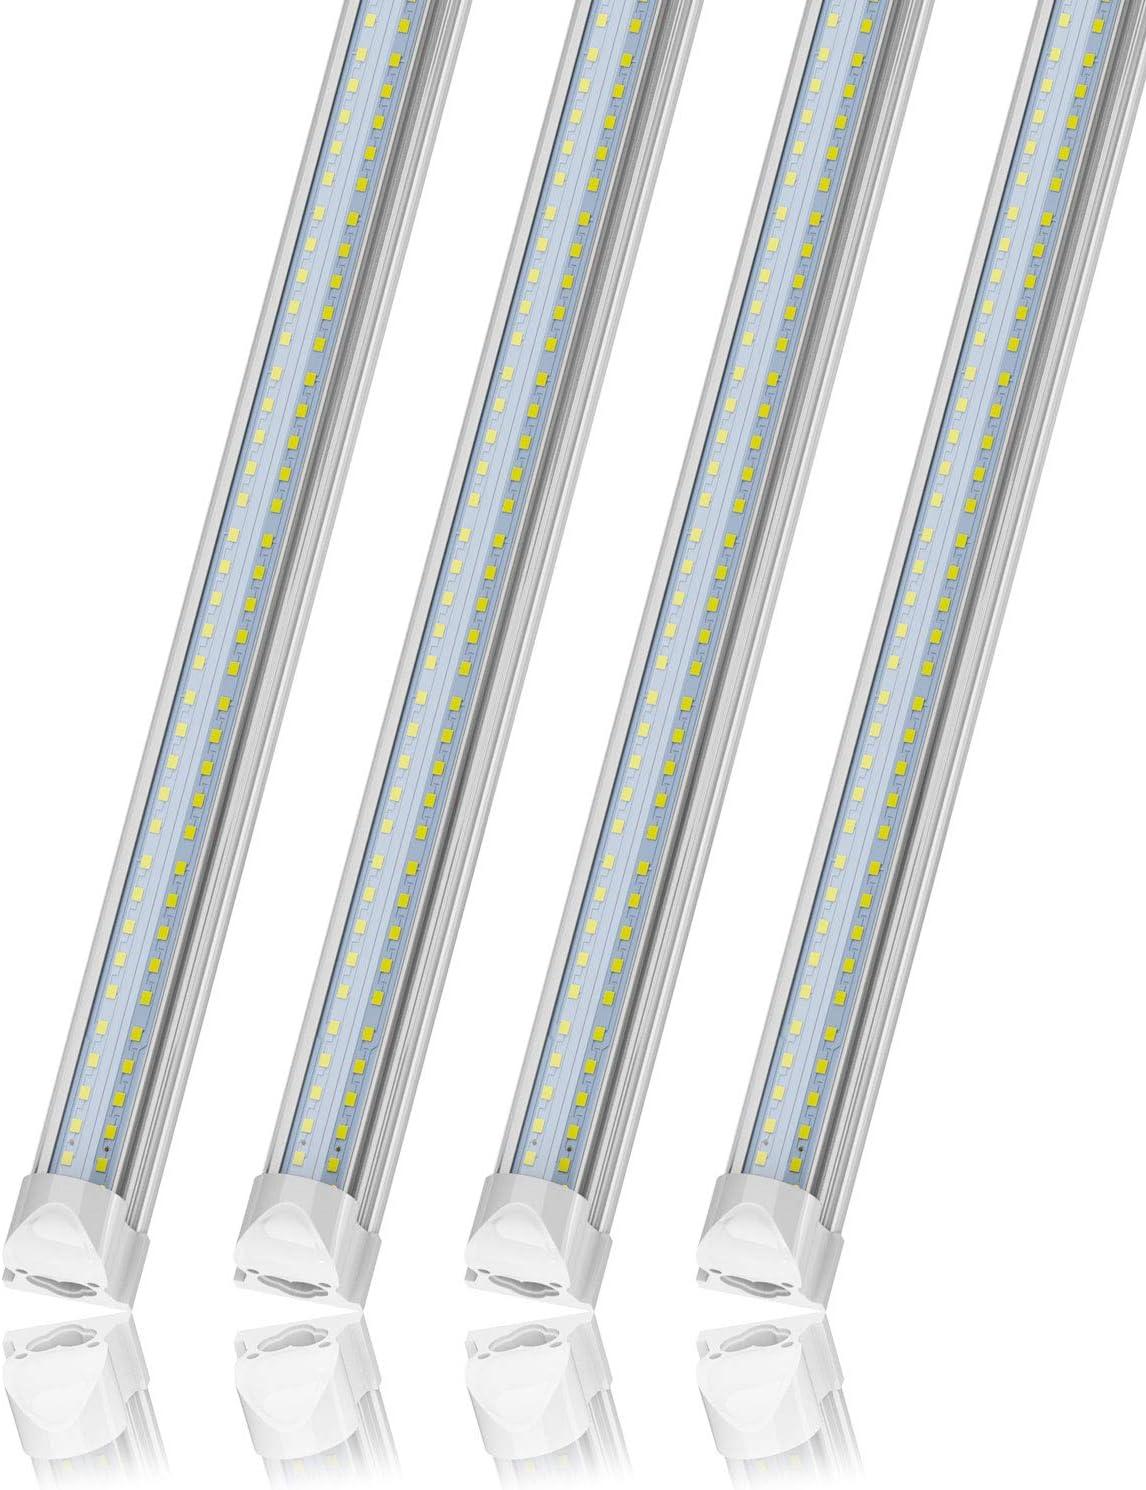 SHINESTAR 4-Pack 4FT LED Shop Lights Daylight 5000K, 40W 5500 Lumen Bright T8 LED Tube Light, Linkable Integrated Lighting Fixture for Shop, Garage Ceiling, Basement, Warehouse, Workshop, Plug in